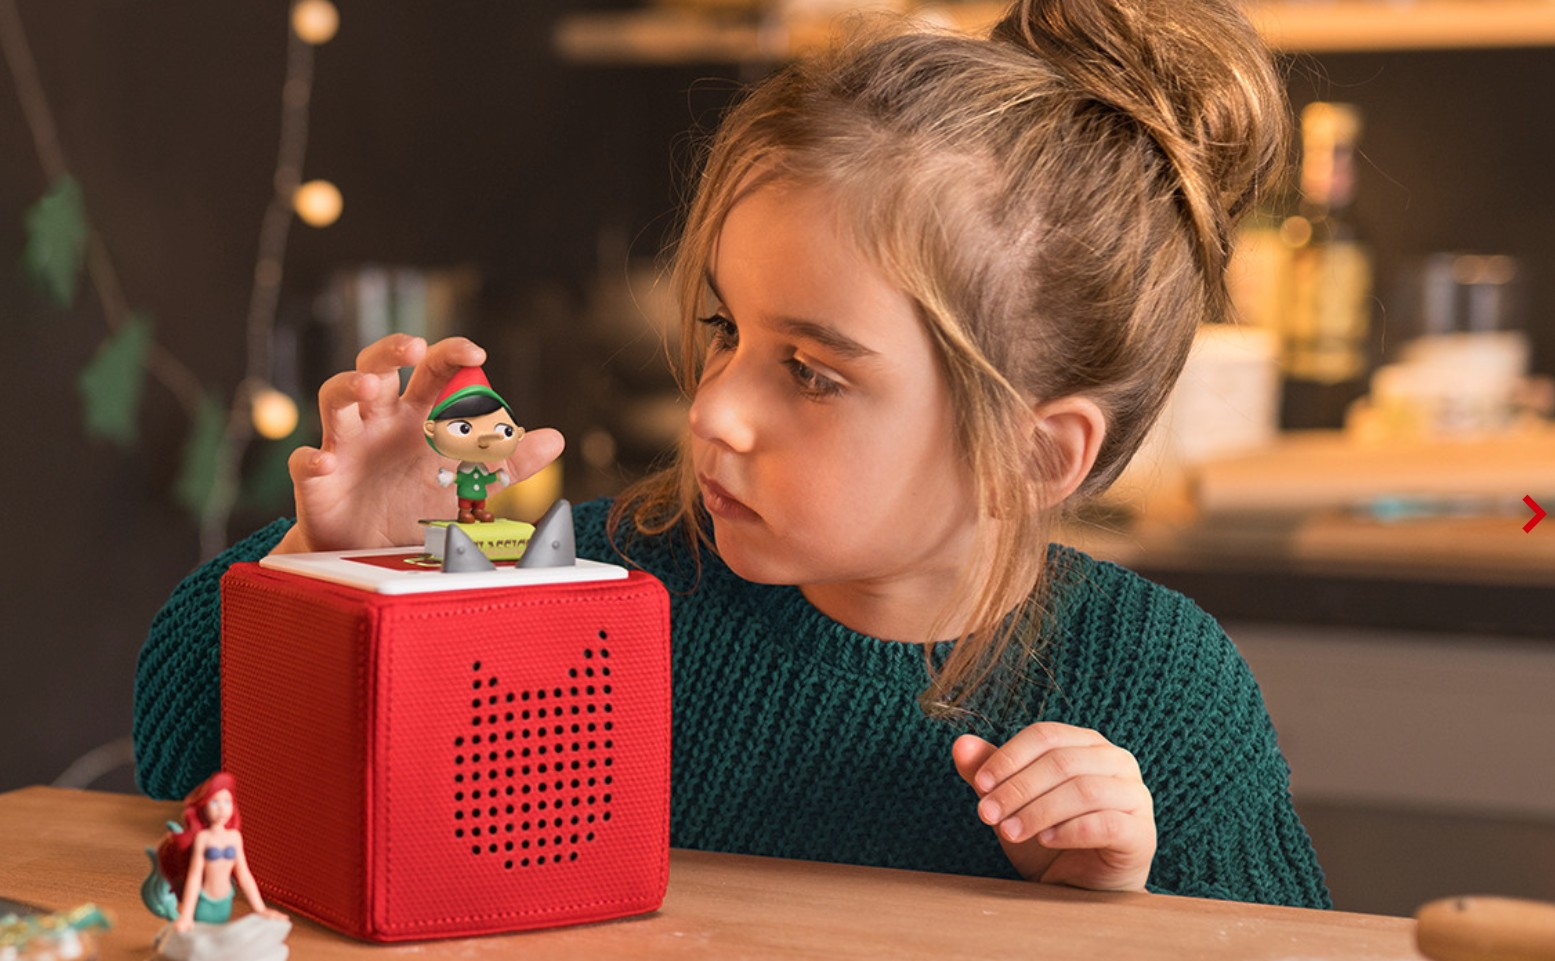 Welche Geschenke für Kinder sollten wir kaufen? (Foto: Boxine GmbH)